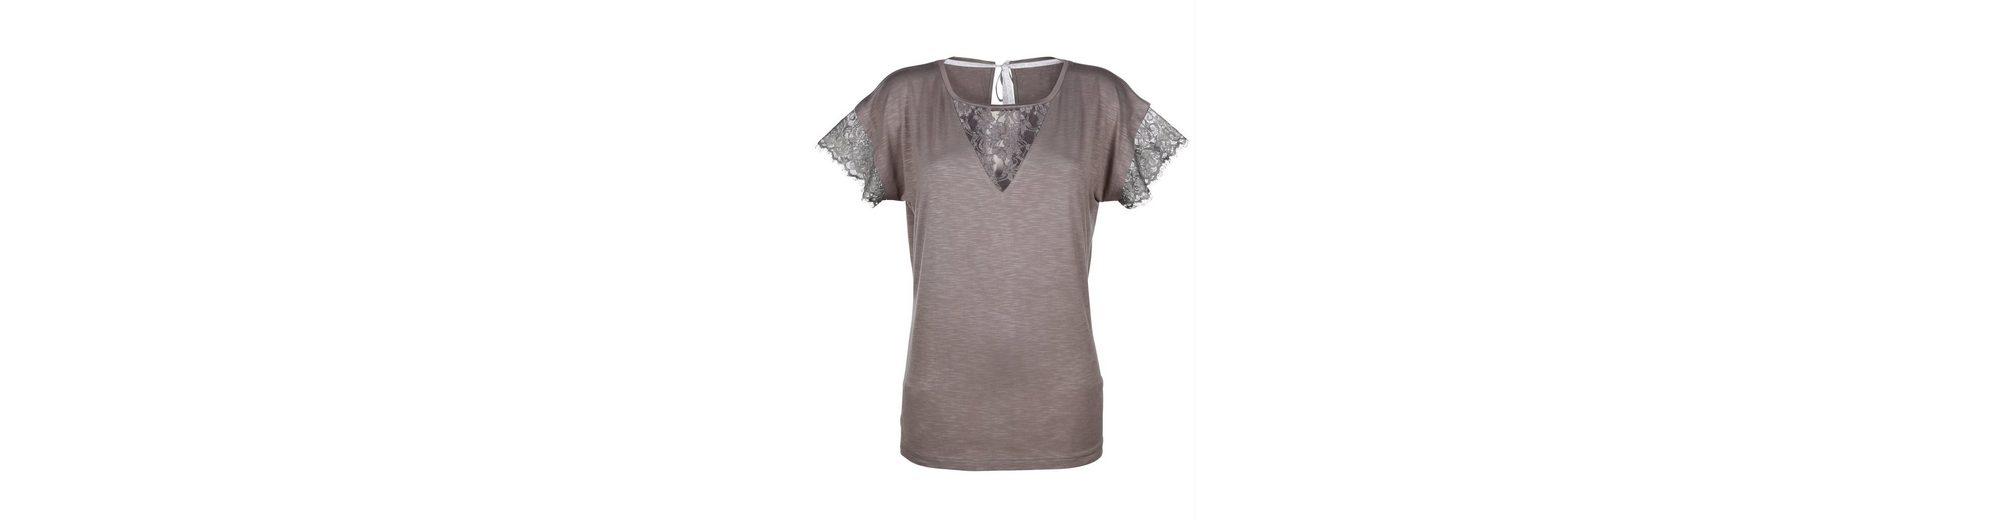 Amy Vermont Shirt mit Spitzeneinsatz Bester Verkauf Verkauf Online Spielraum Bilder Zuverlässig Günstig Online Auslass Größte Lieferant HxehEiOFI4